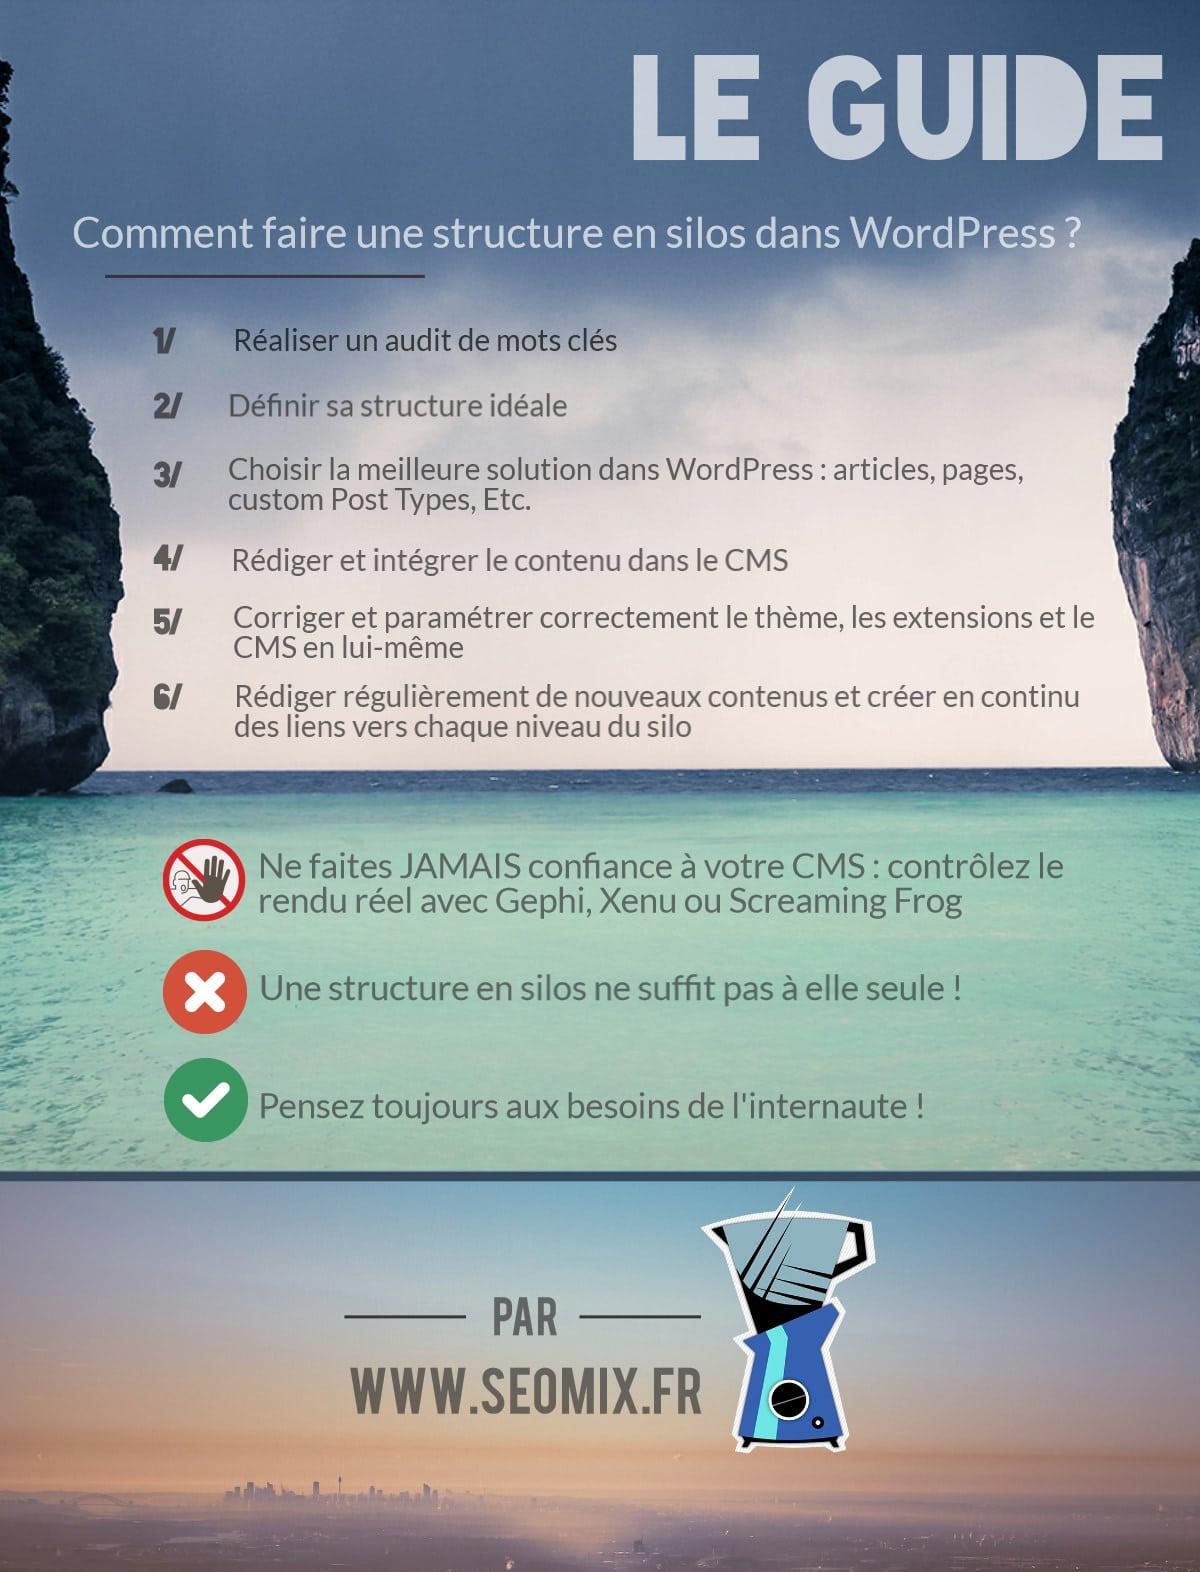 Créer une structure en silos dans WordPress